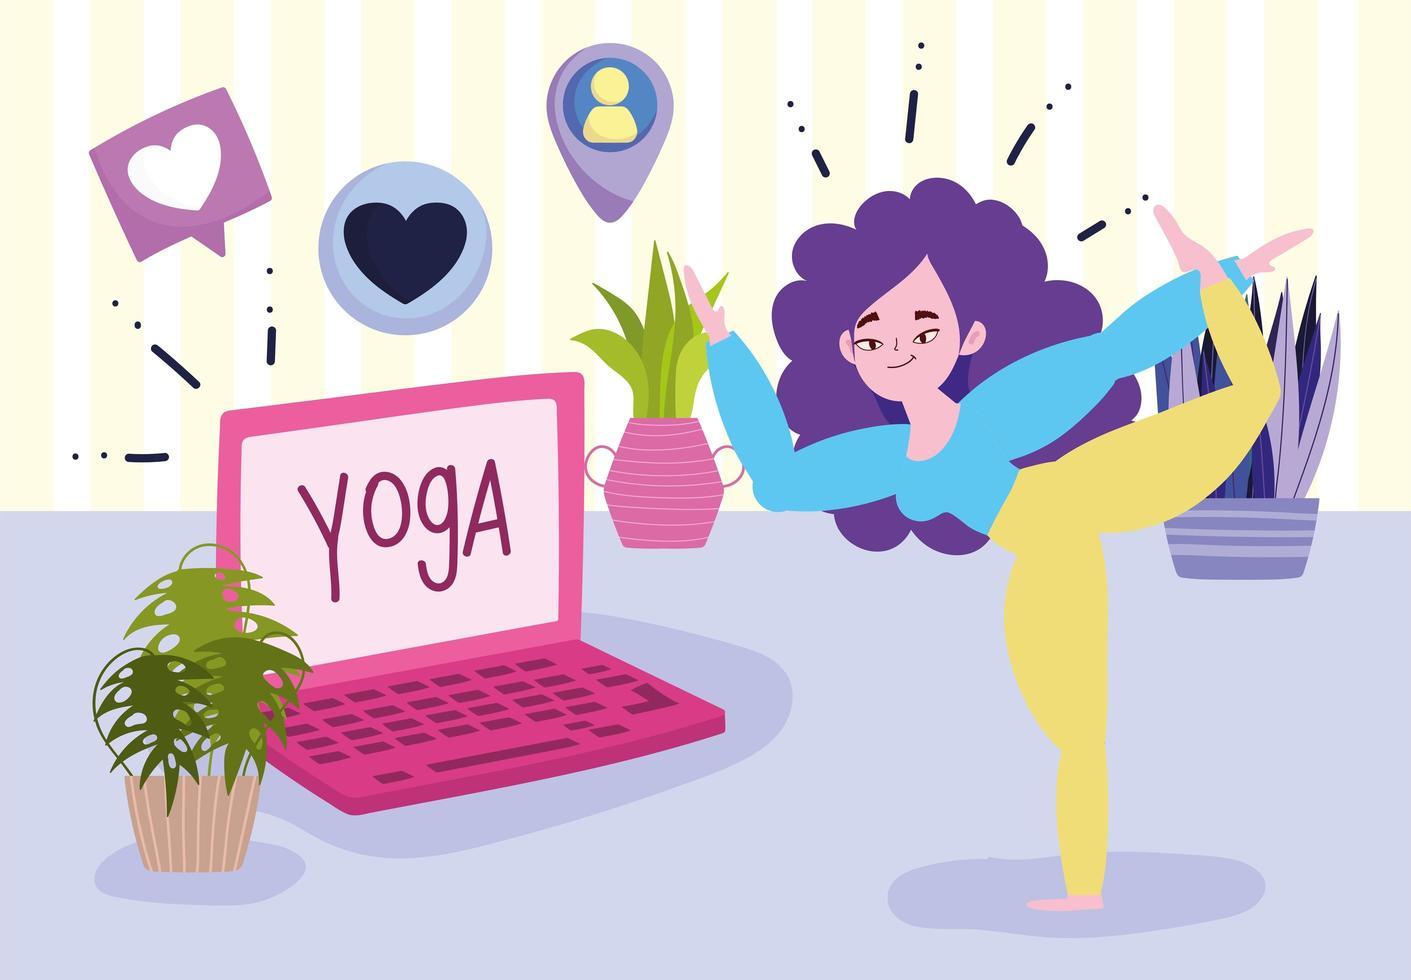 giovane donna in posa yoga portatile in camera vettore